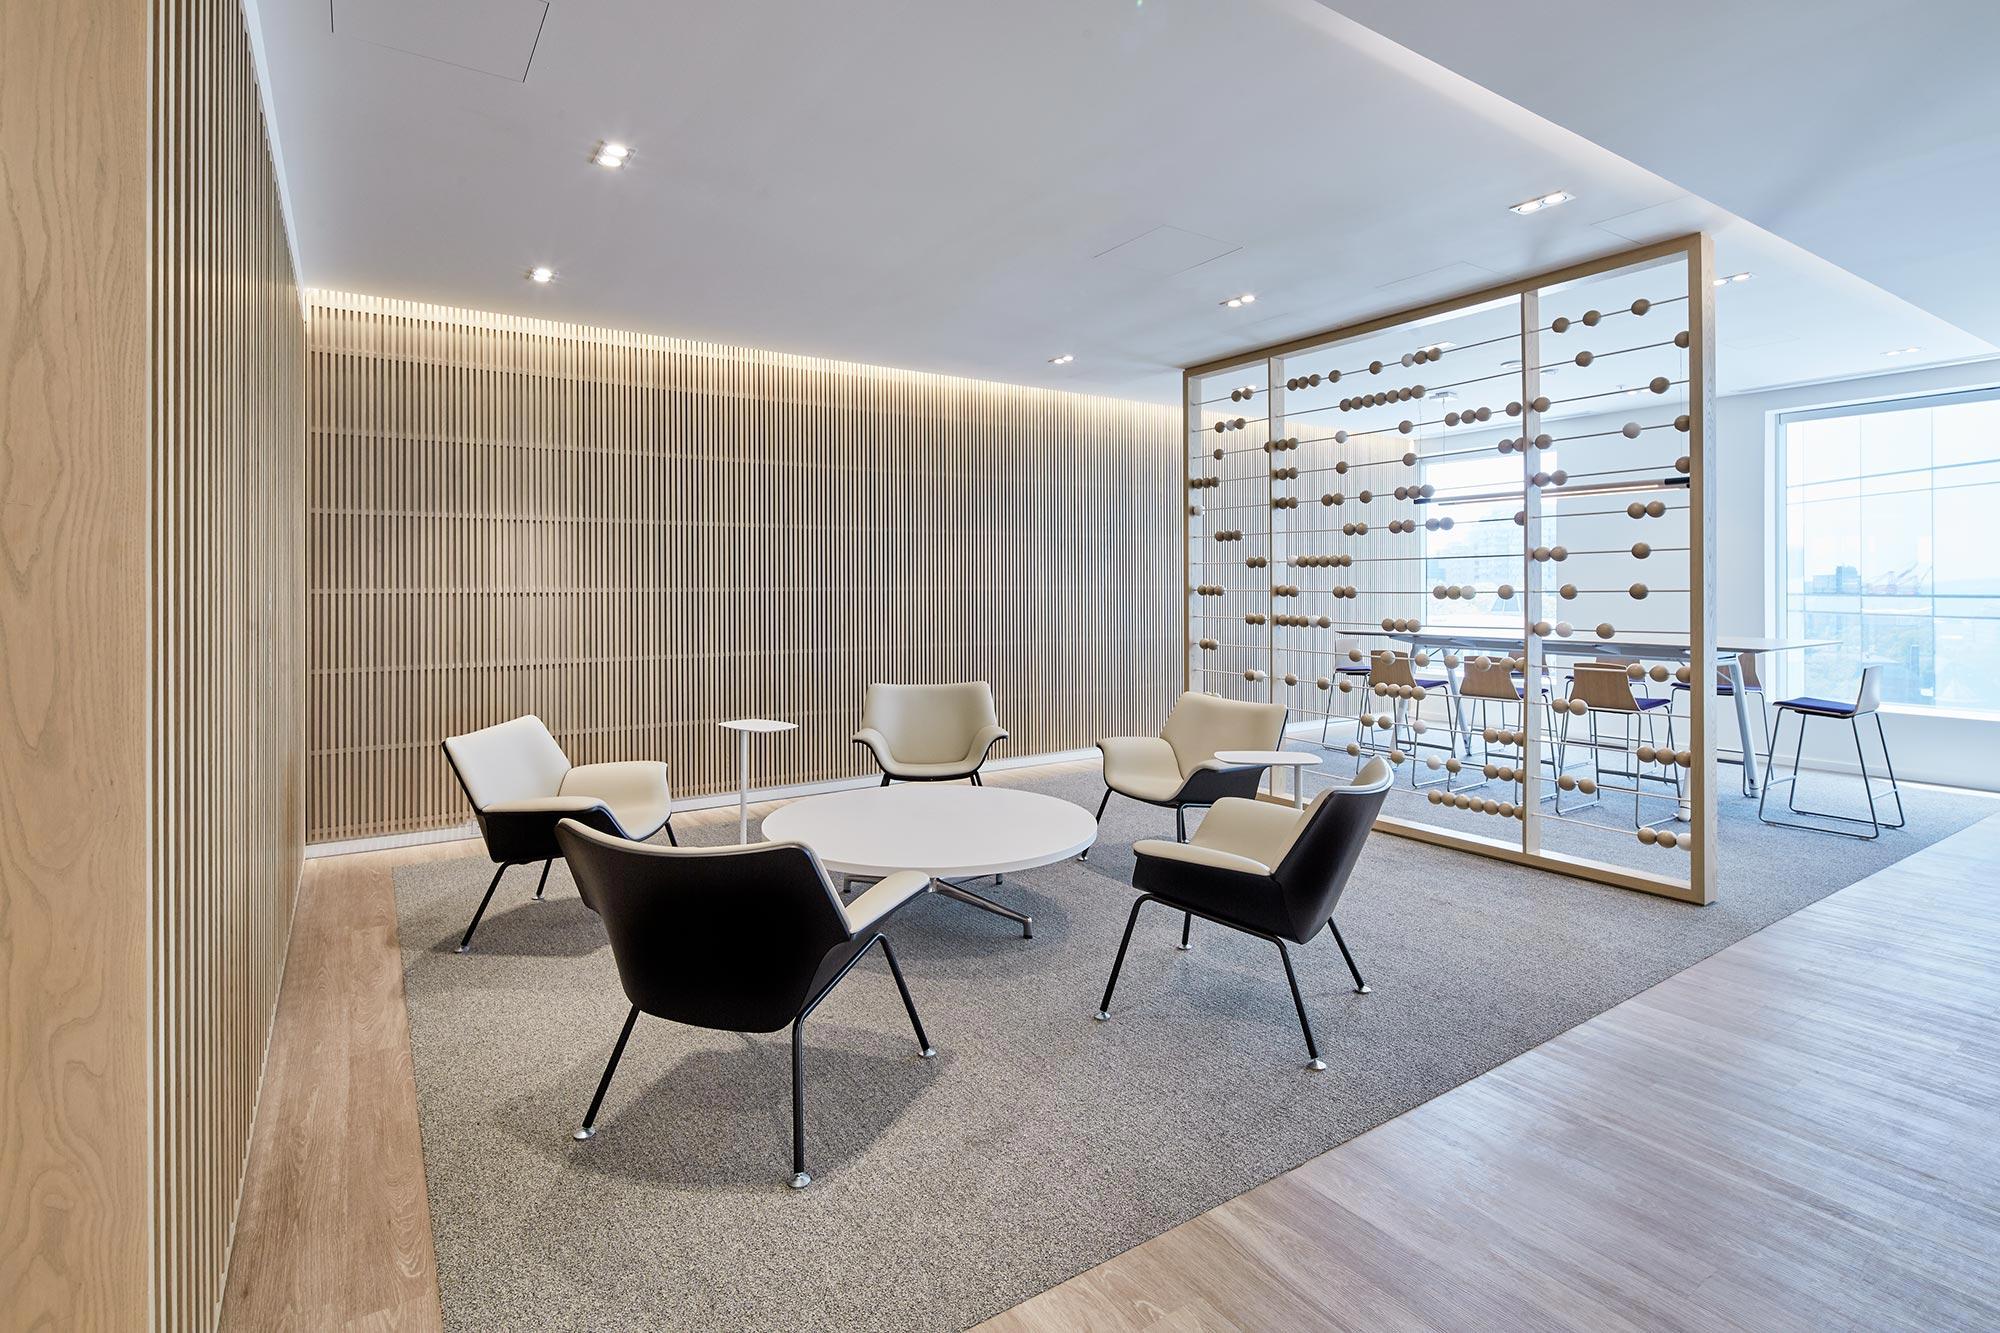 interior-design-law-office-common-area.jpg